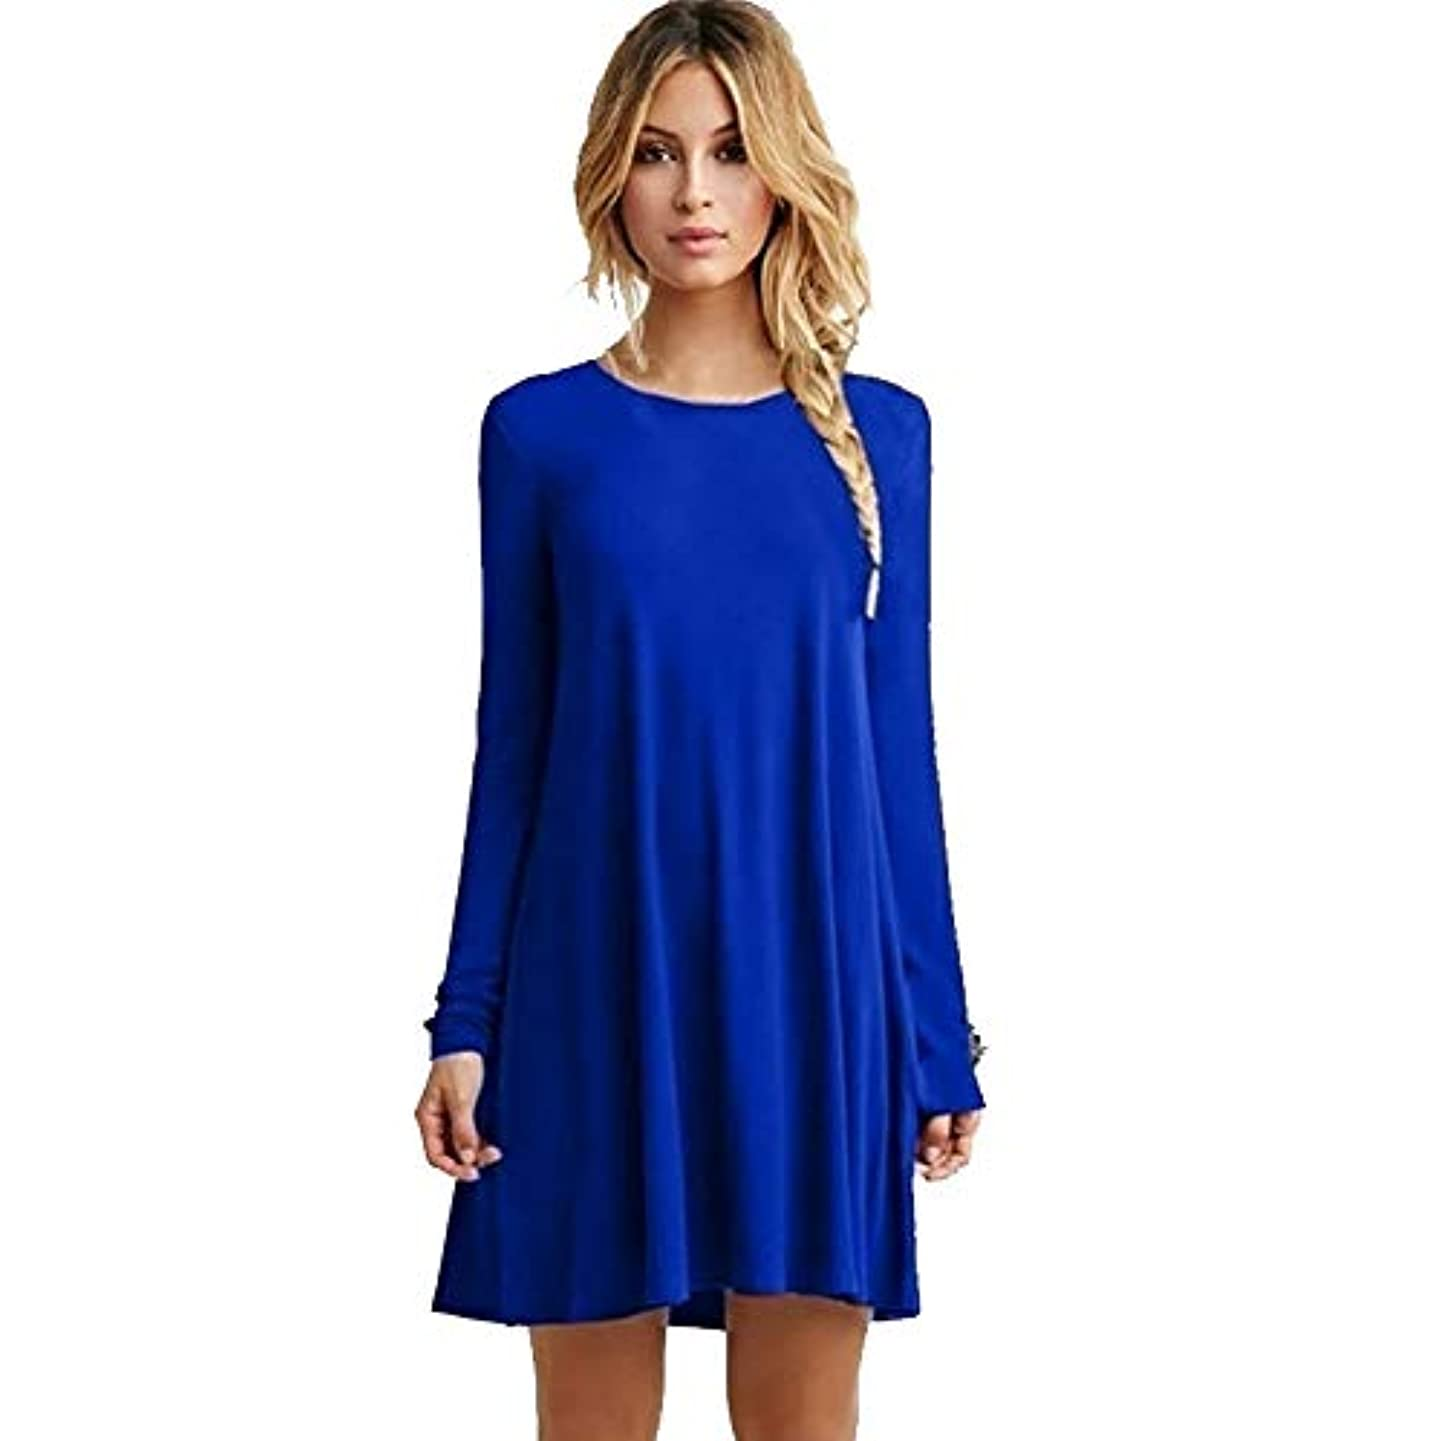 活発料理パーツMIFANルースドレス、プラスサイズのドレス、長袖のドレス、女性のドレス、秋のドレス、マキシドレス、コットンドレス